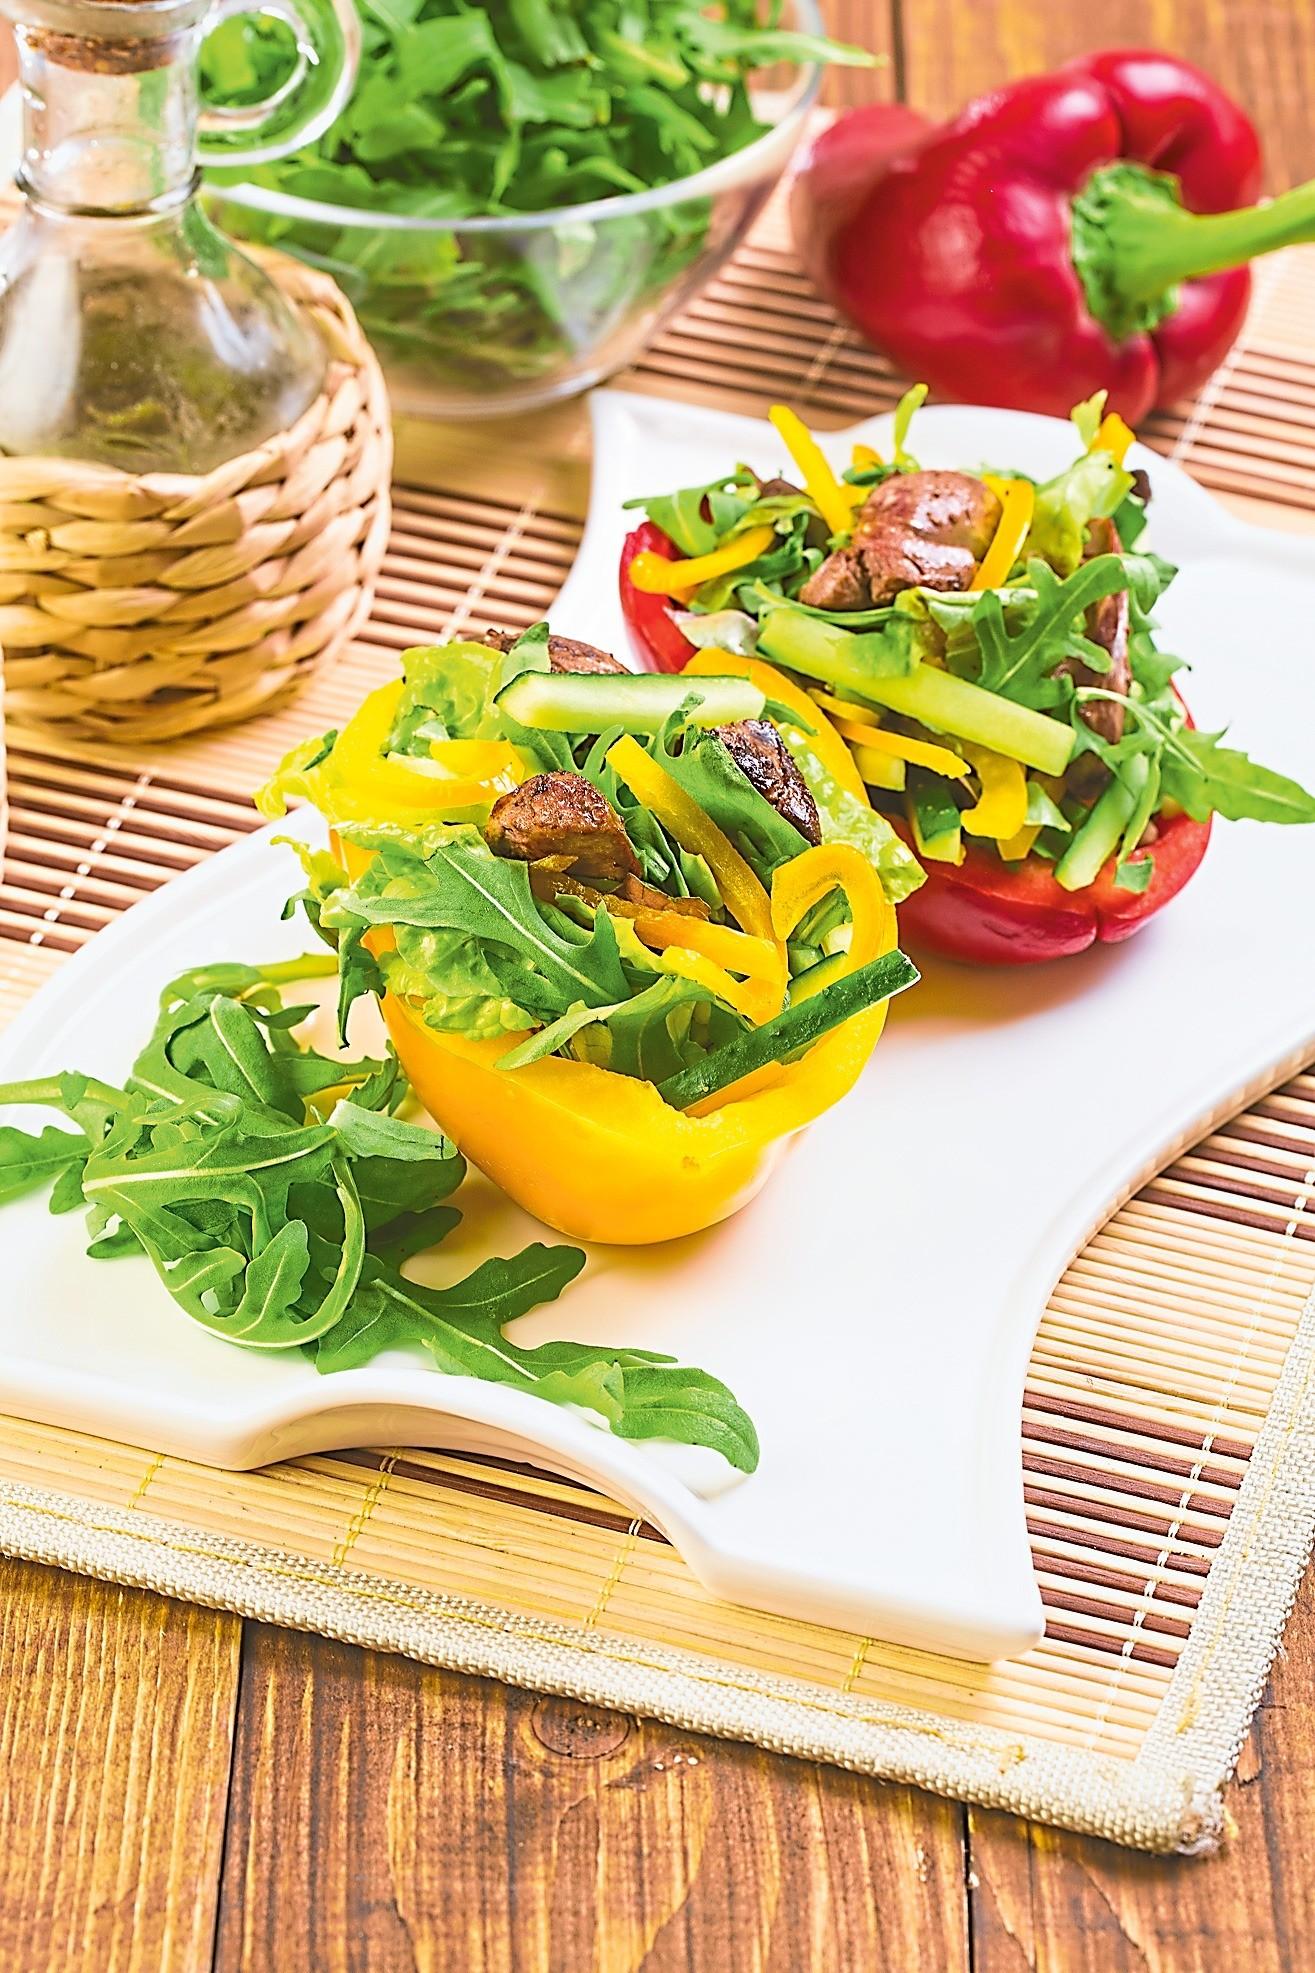 Для праздничного застолья: рецепт салата с печенкой в сладком перце